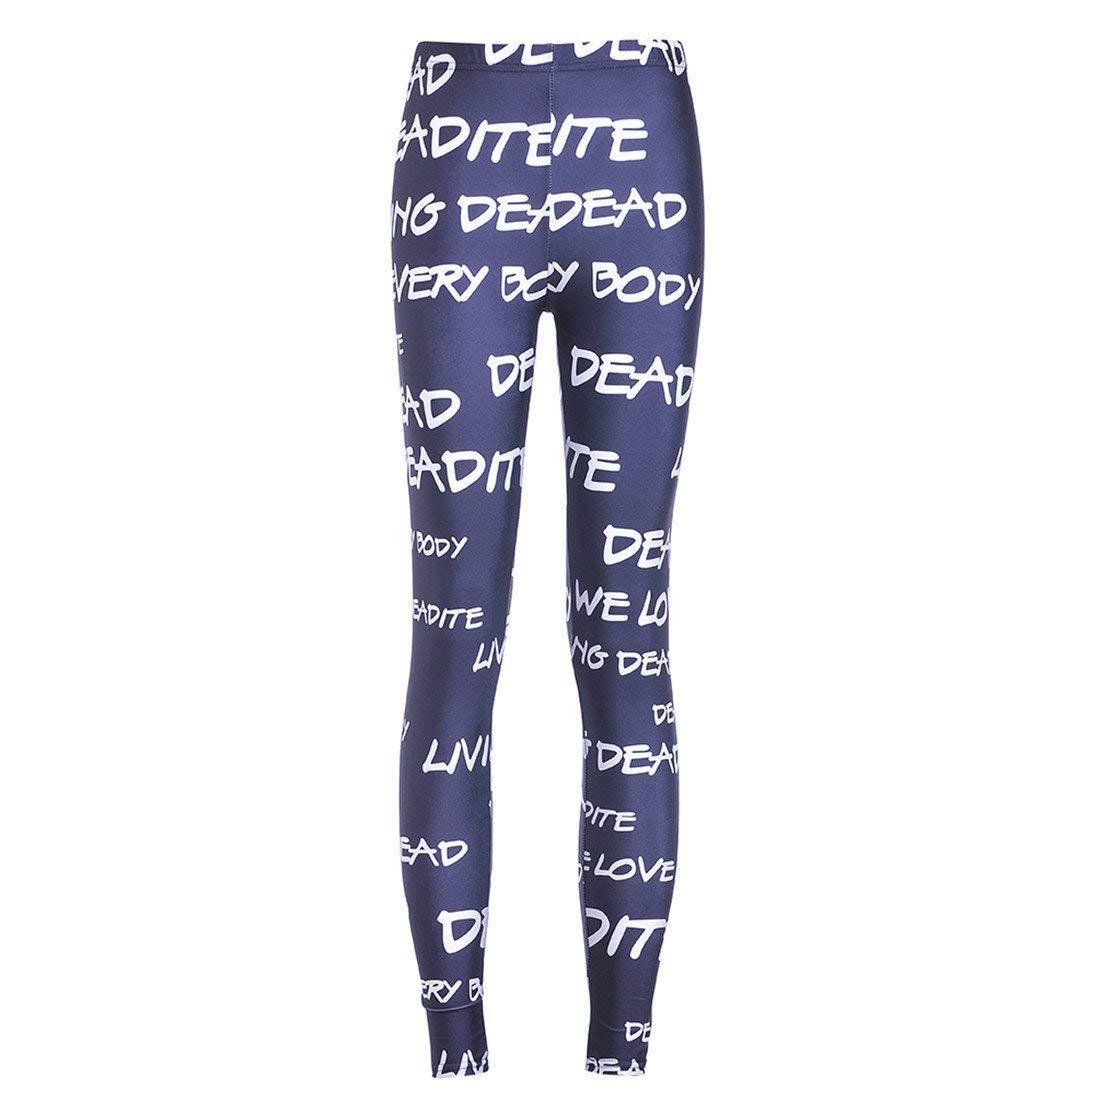 Targogo Pantalons De Jogging pour Femmes Leggings De Imprimés Ocasional  Pantalons Yoga Pantalons De Training Taille ... 584794808b8